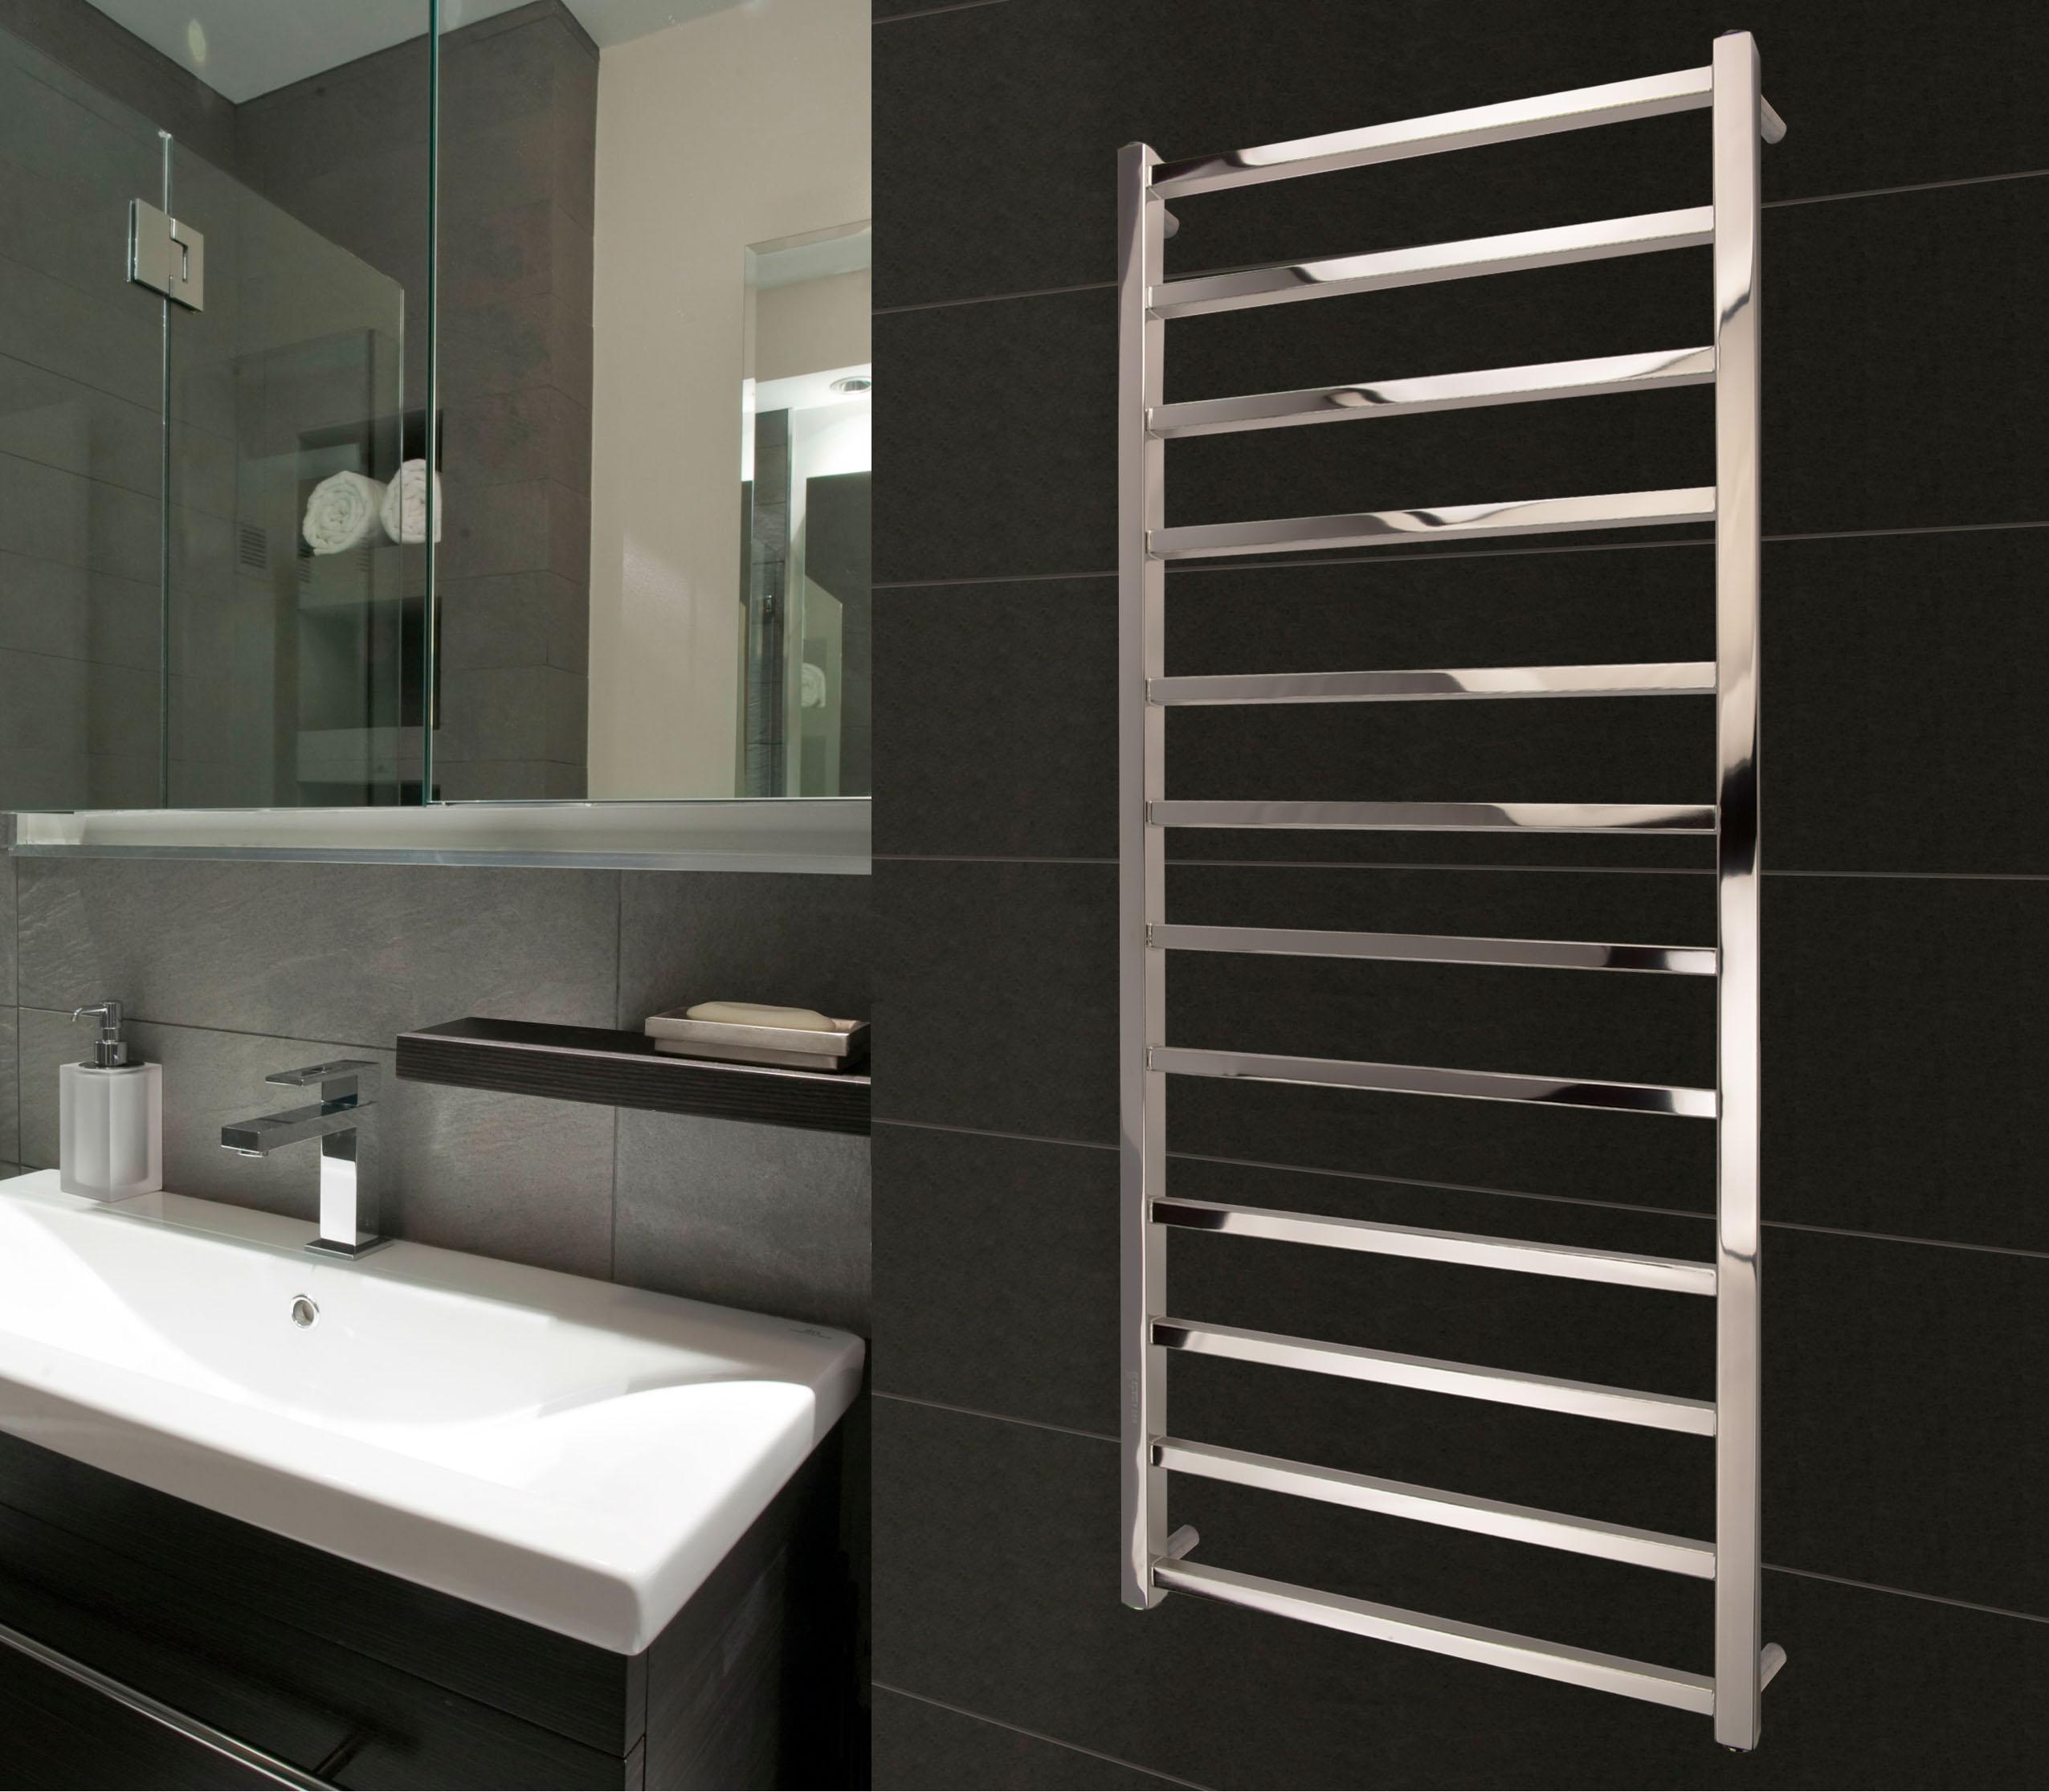 designheizk rper badheizk rper sanit rartikel dampfduschen au enwhirlpools gut und g nstig. Black Bedroom Furniture Sets. Home Design Ideas